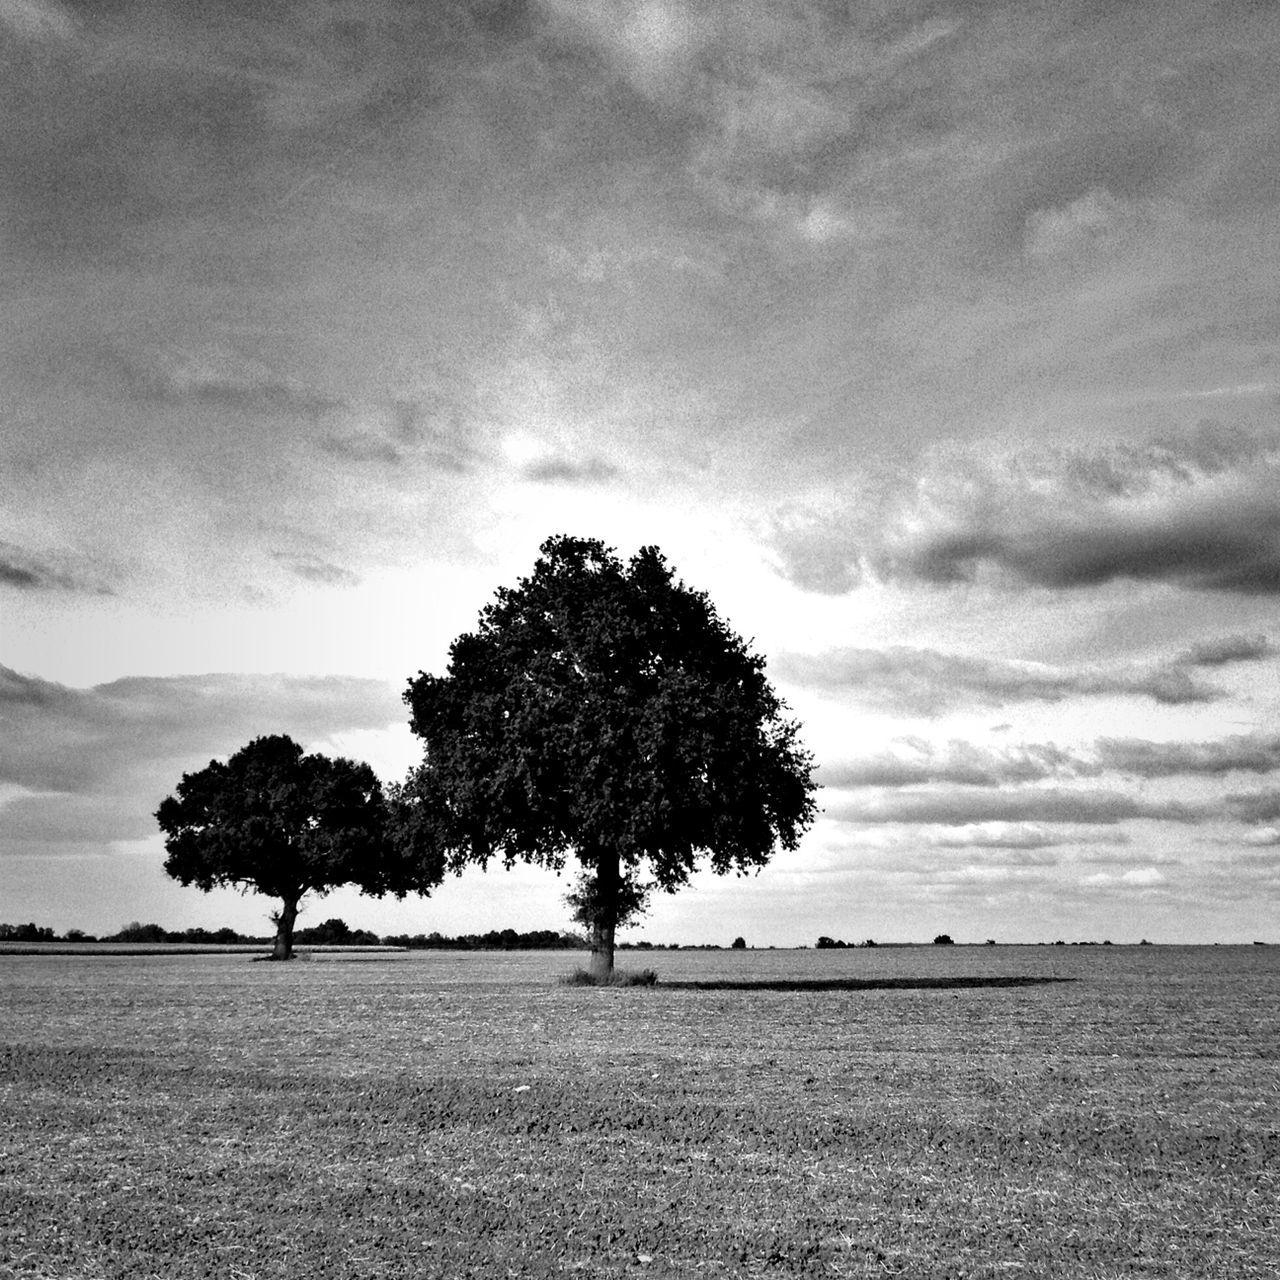 Trees in fields